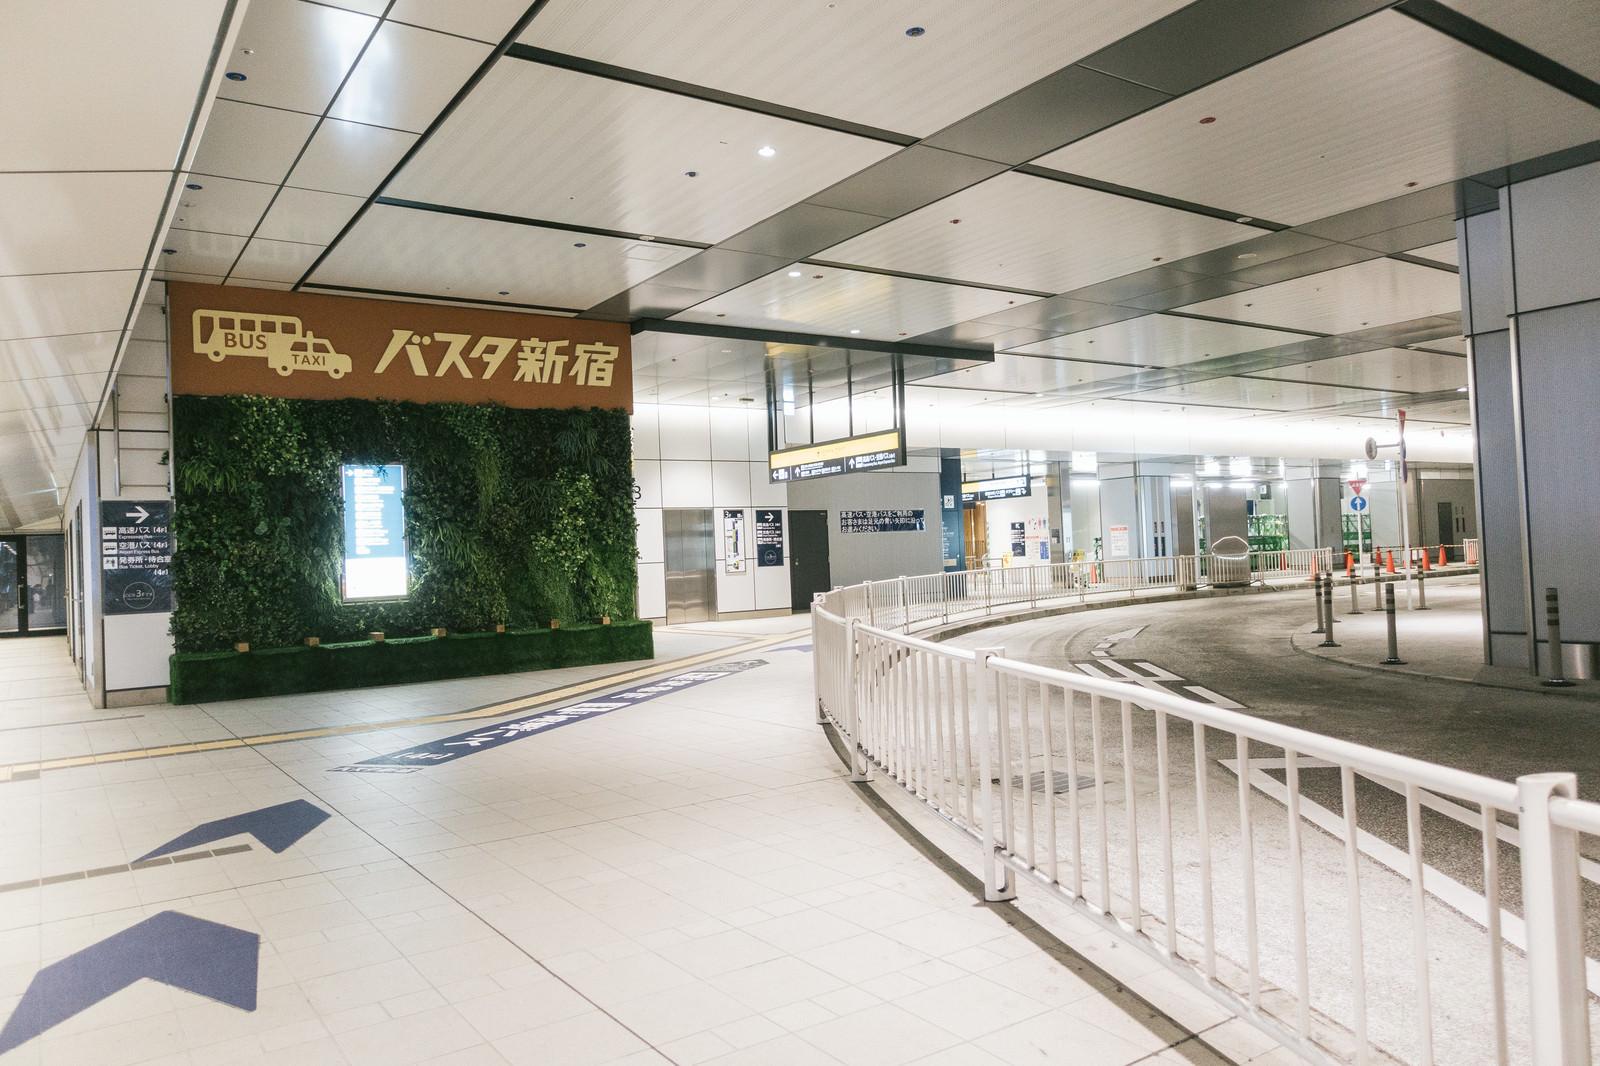 「バスタ新宿の3階通路バスタ新宿の3階通路」のフリー写真素材を拡大